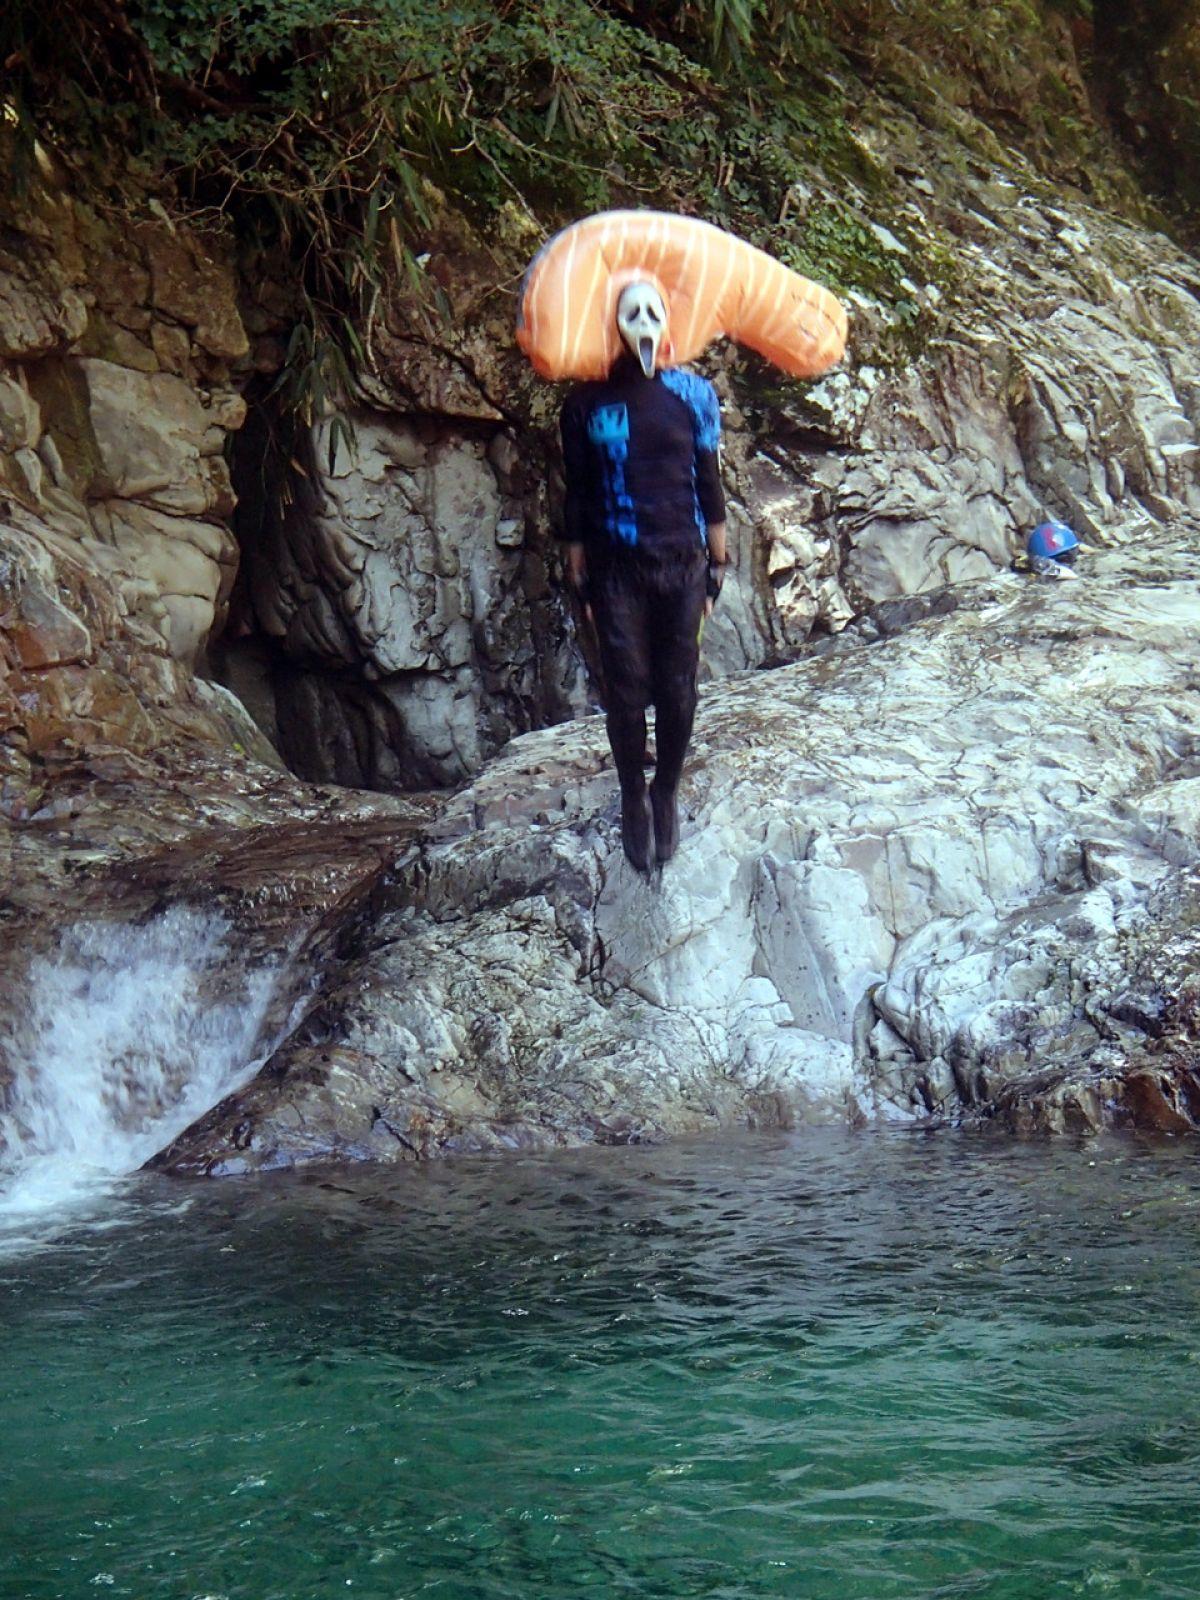 登山好人さん撮影のひでぶーさんの飛び込む一瞬、これはいい!!!